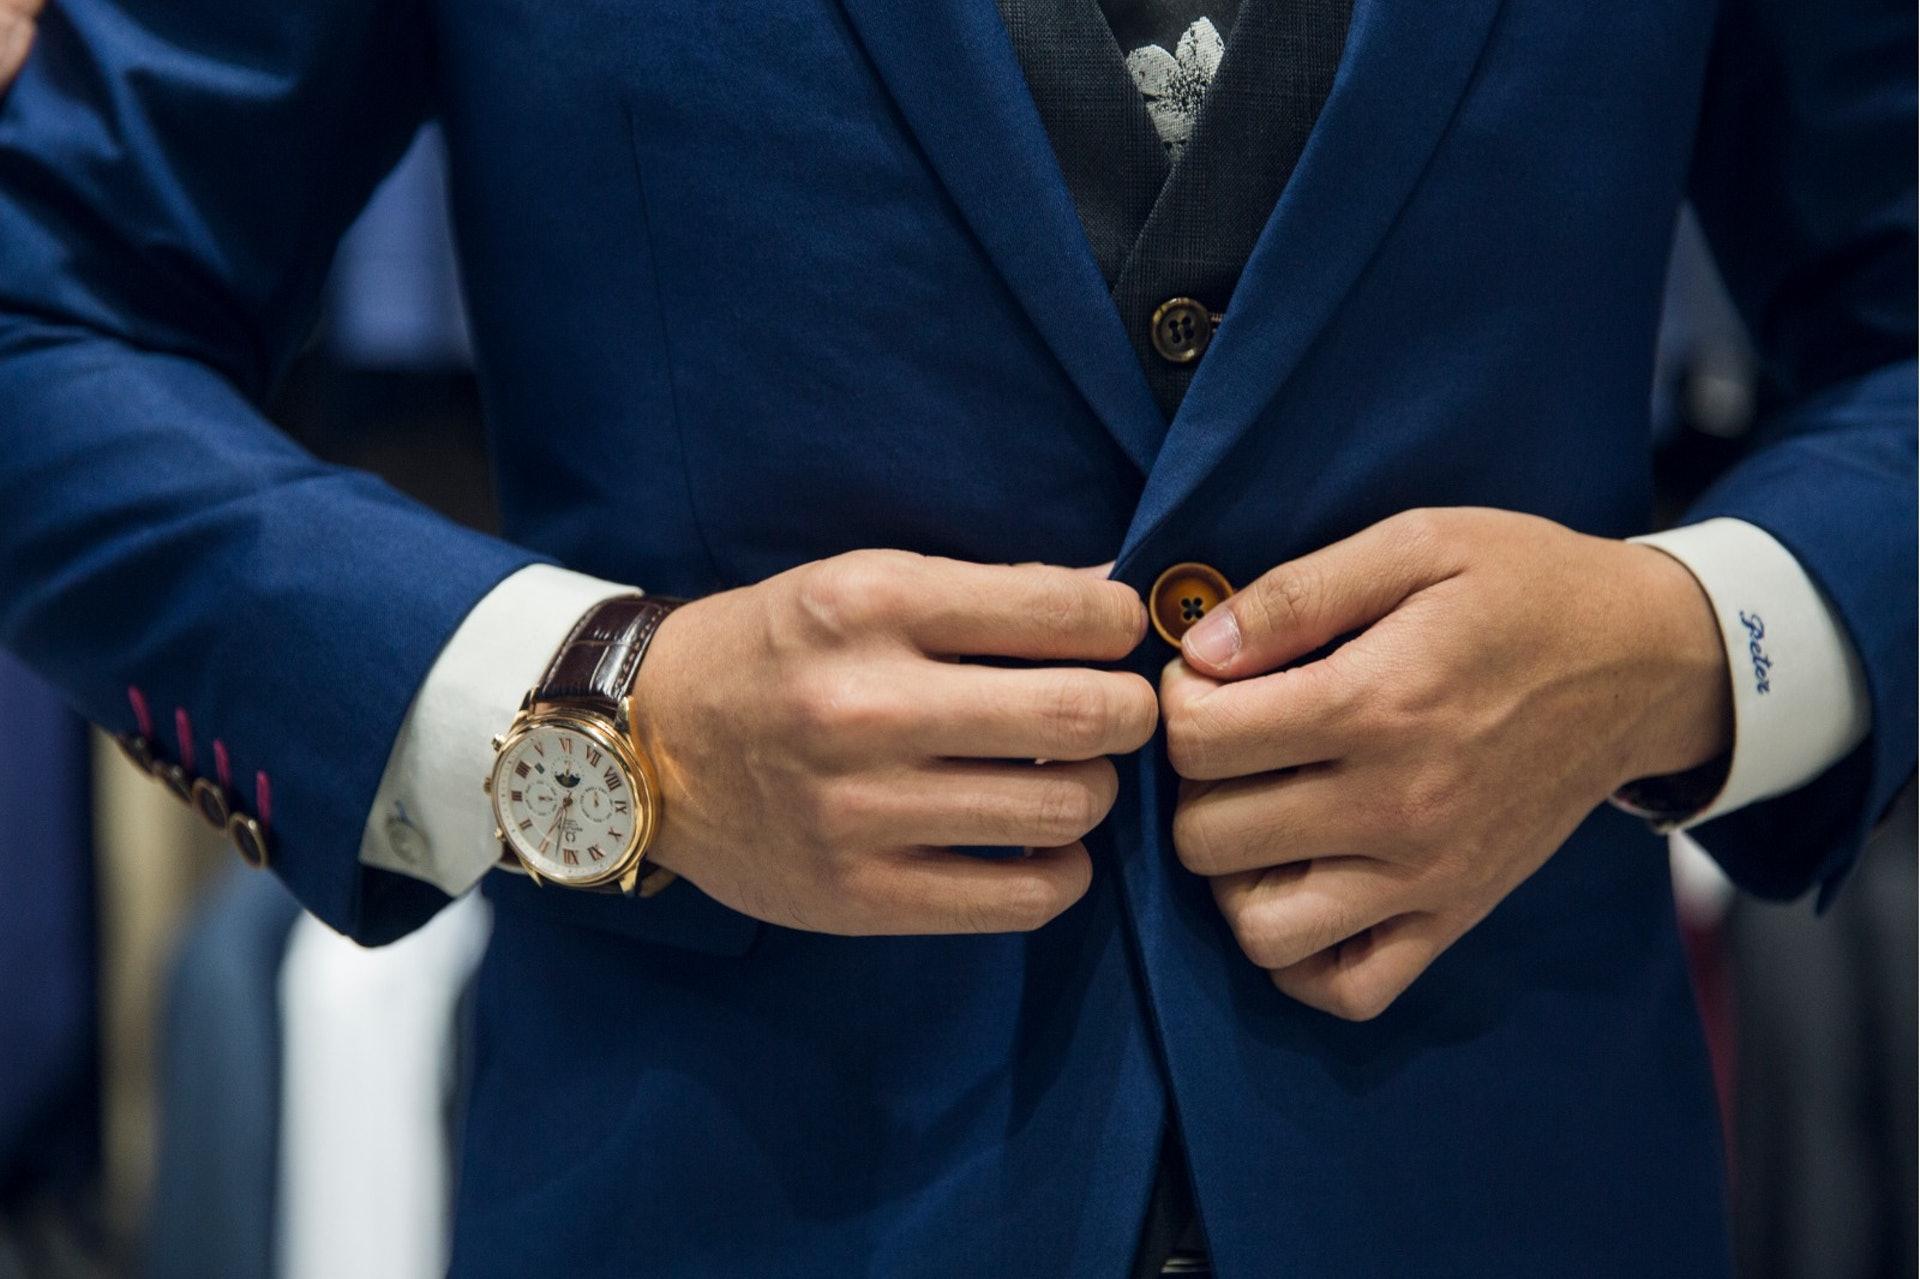 一封email的語調使用,就如即使你知道面試可以casual dress code,但你都會打扮得成熟可信,讓對欣賞自己專業的一面。﹙黃寶瑩攝﹚